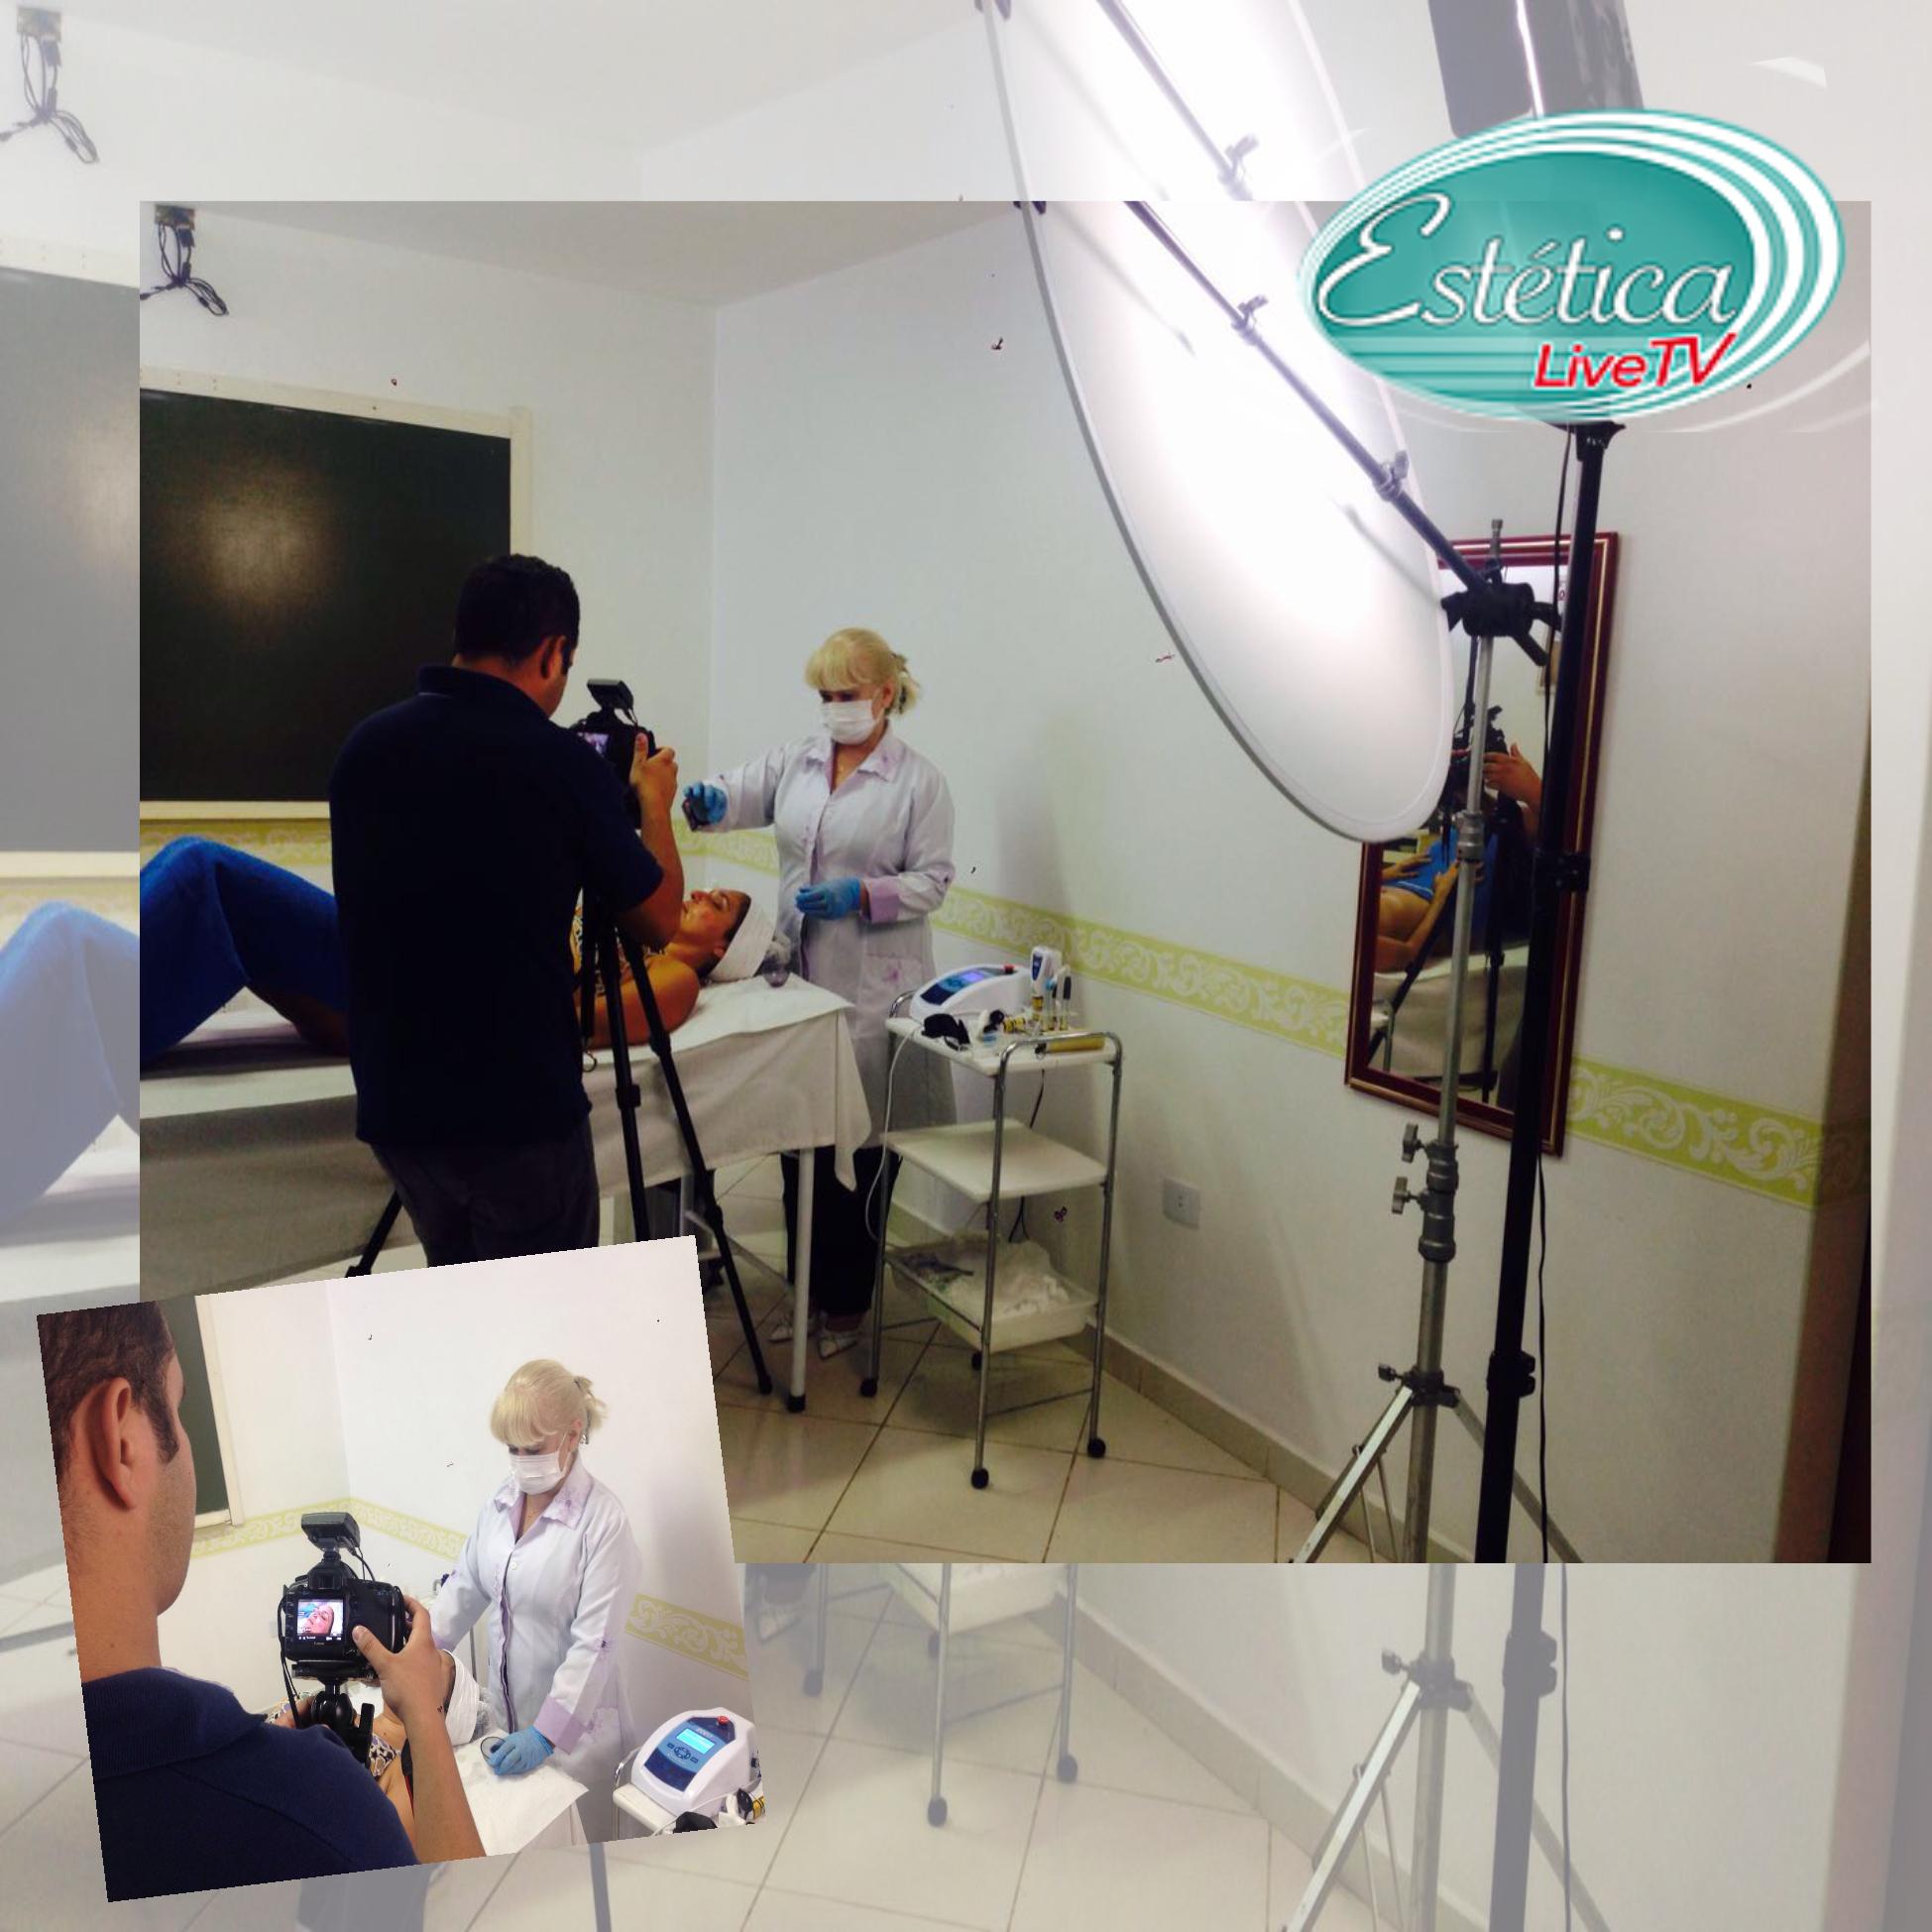 Gravação da matéria dobre Fototerapi ana estética Uso do laser de baixa intensidade e luz não colimada contribuindo nos resultados estéticos.  estética docente / professor(a)